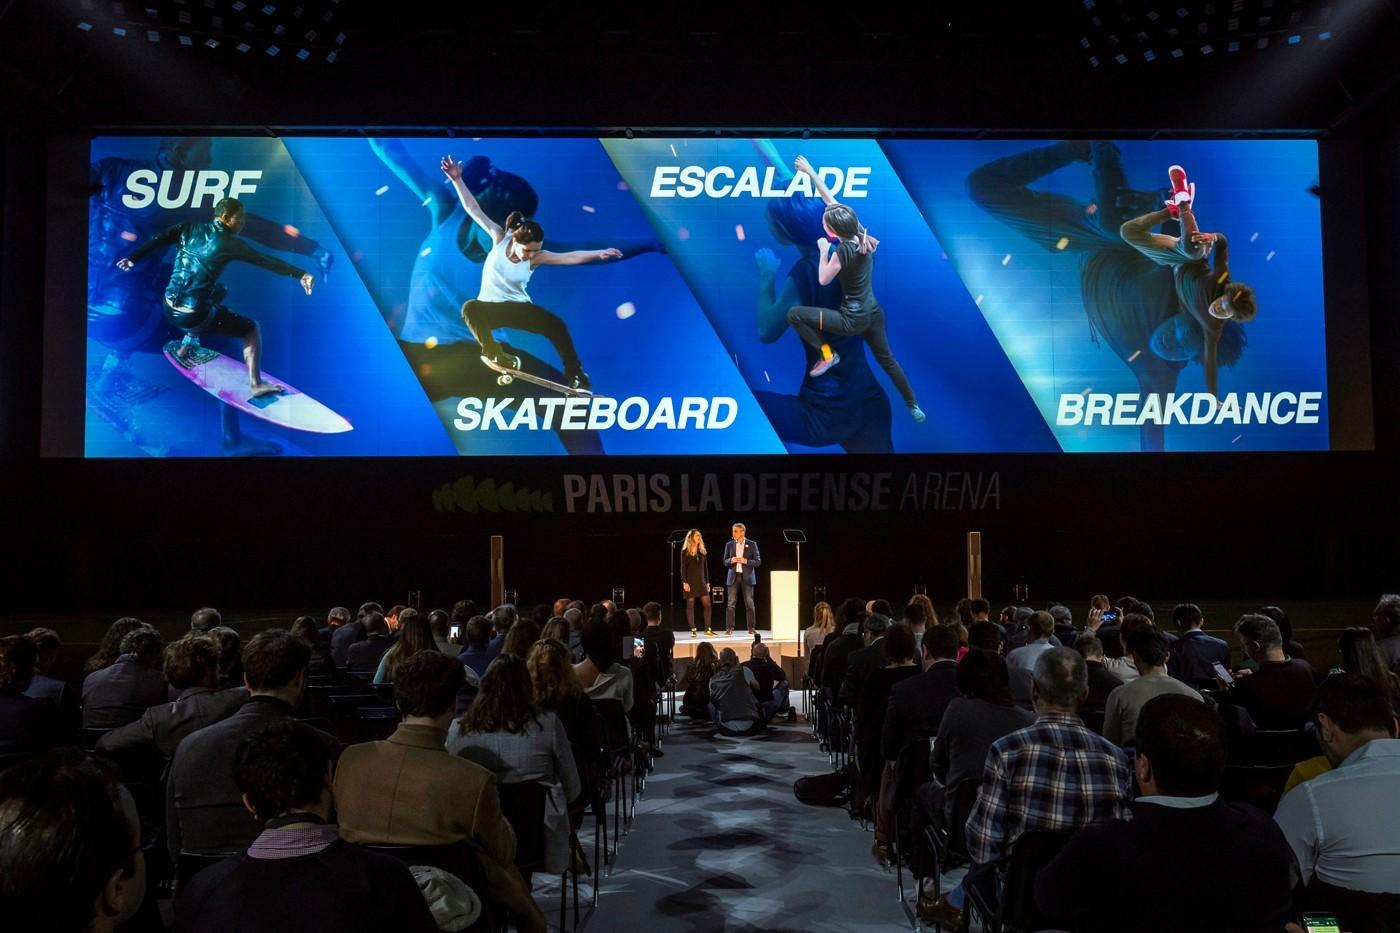 霹雳舞现在将成为奥林匹克运动项目